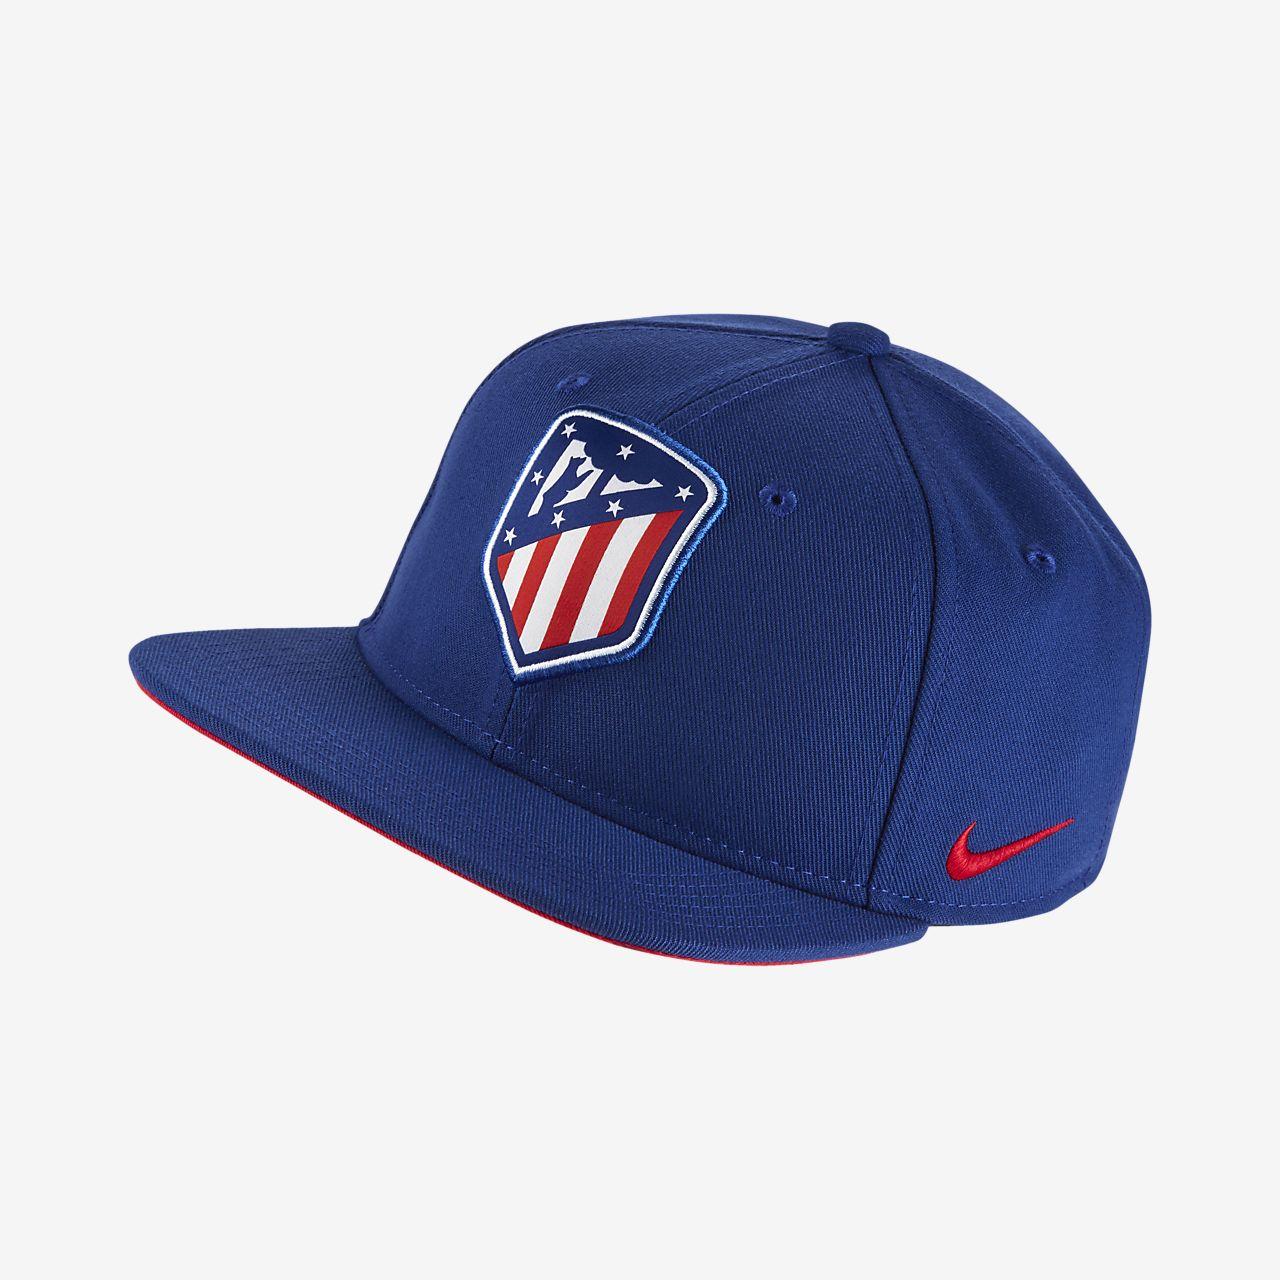 Nike Pro Atlético de Madrid Older Kids' Adjustable Hat